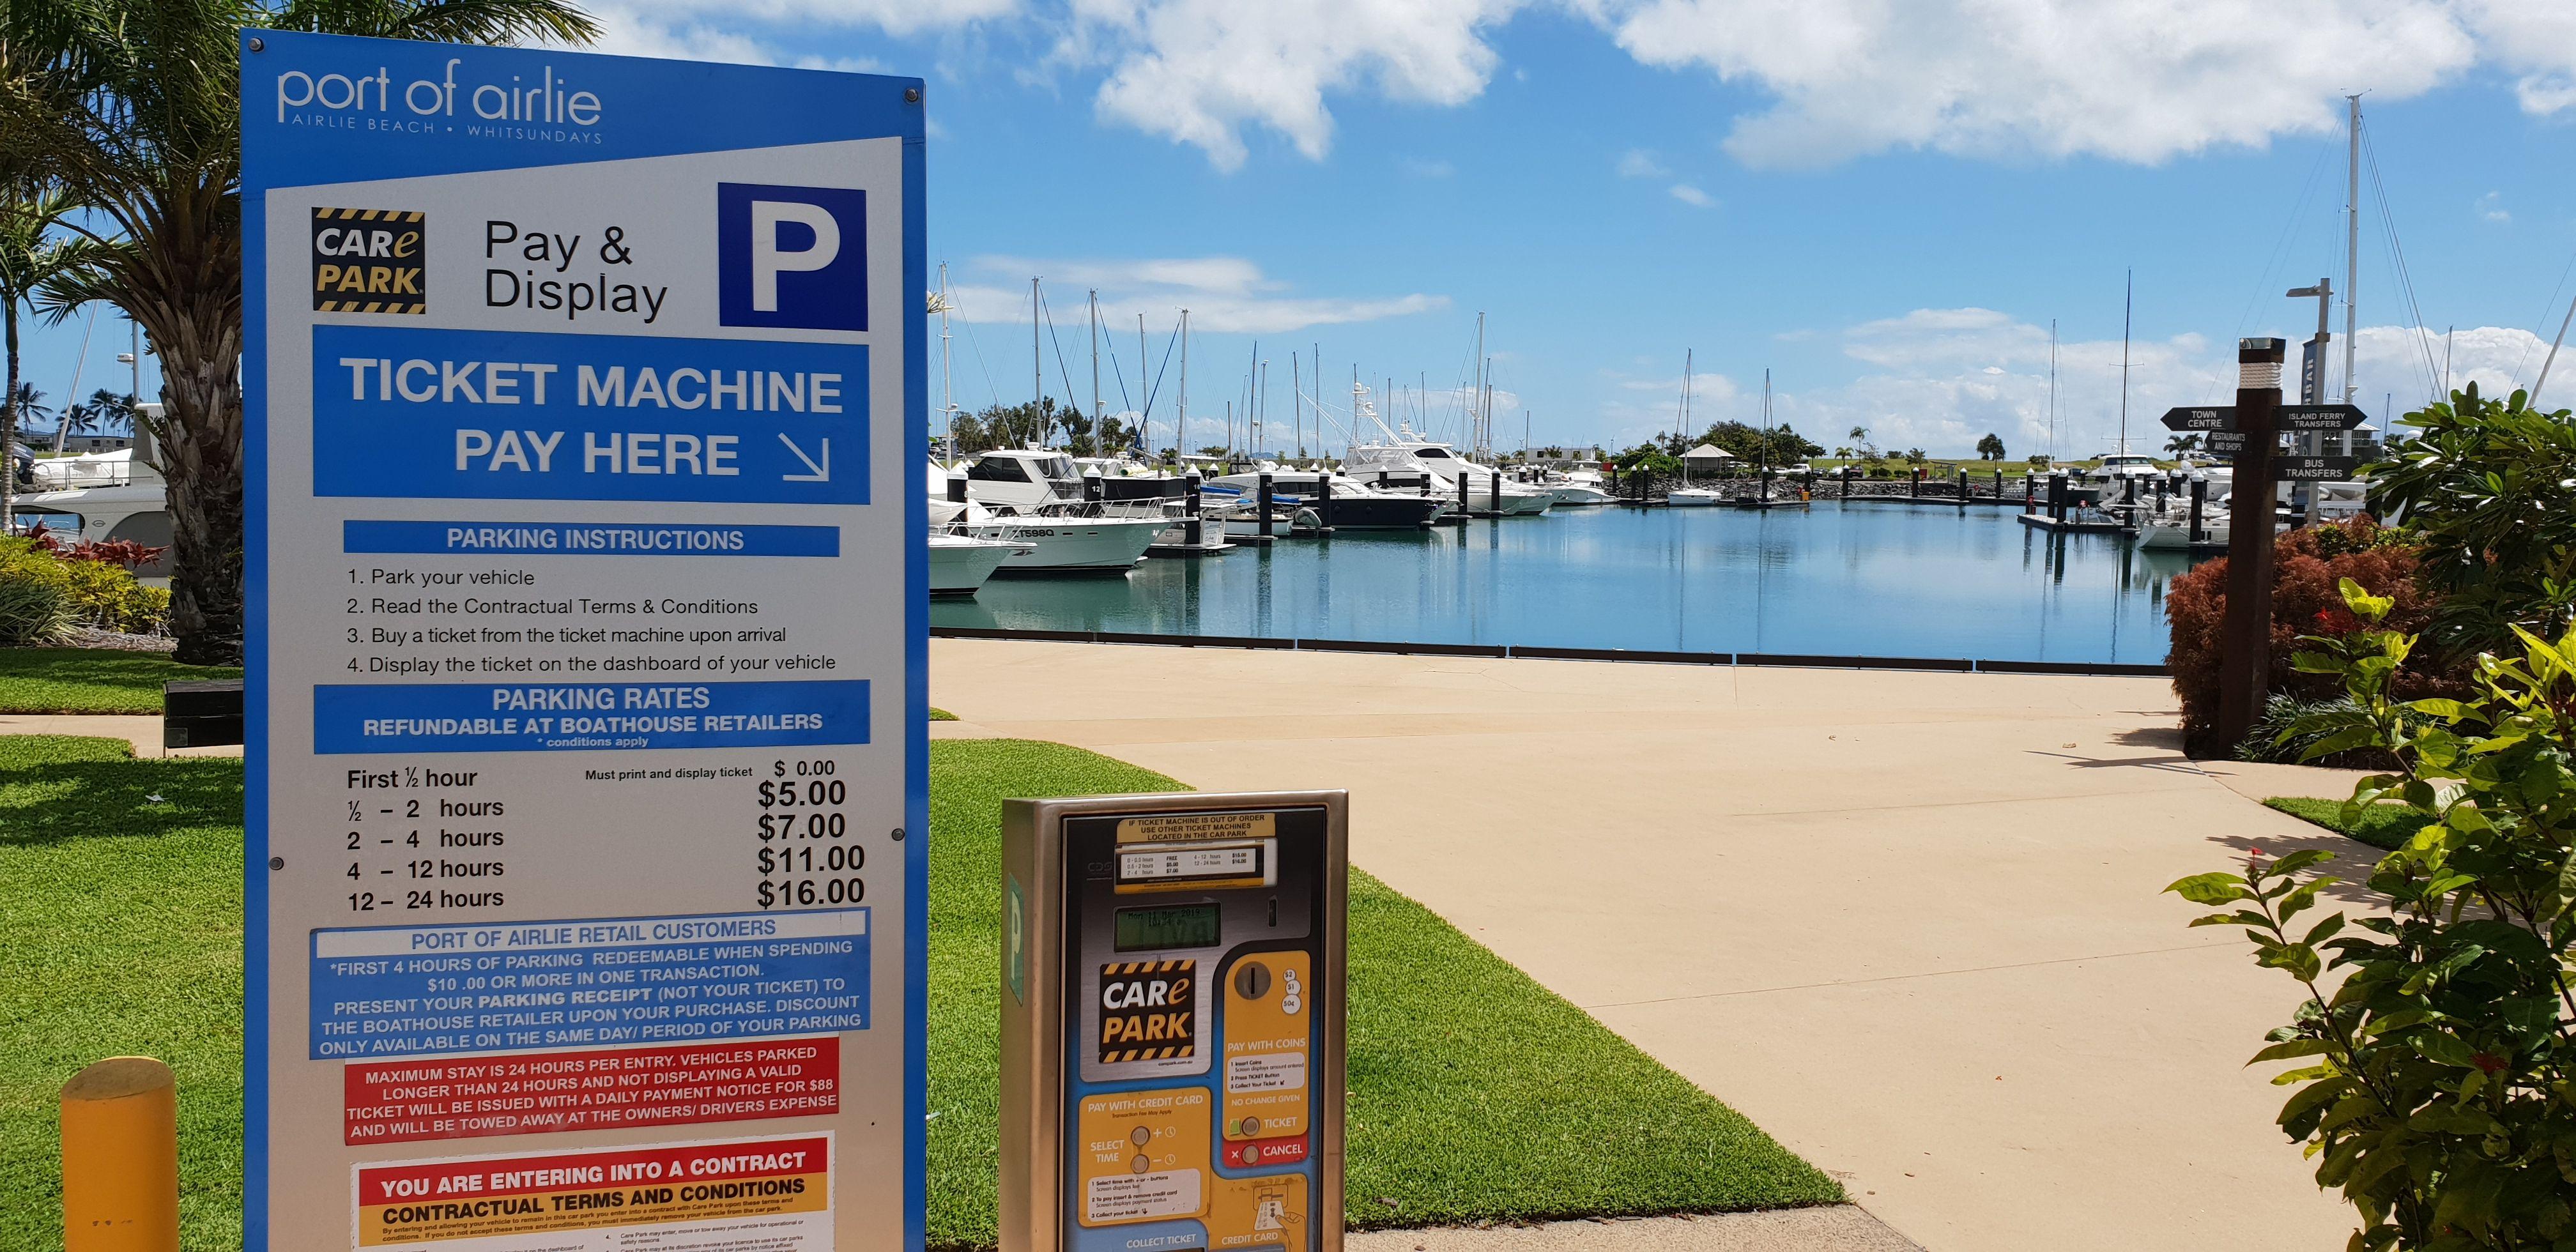 Port of Airlie Parking